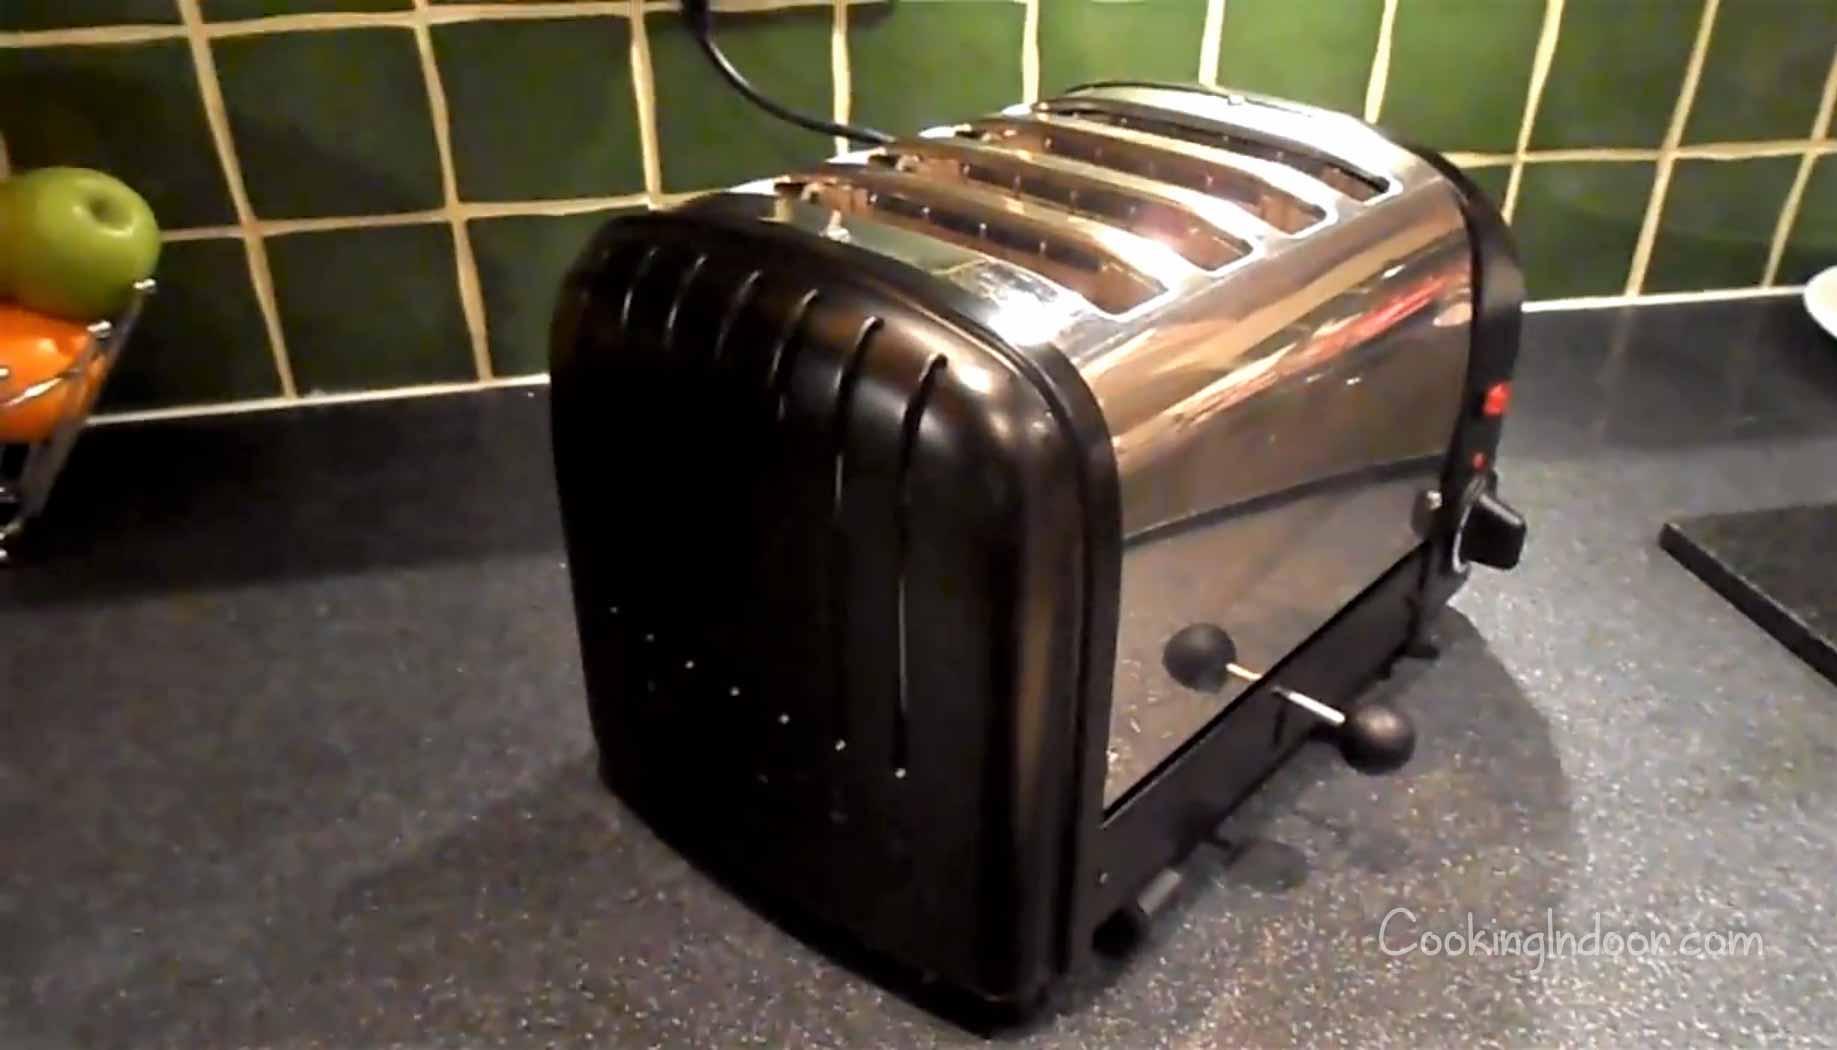 Best heavy duty toaster